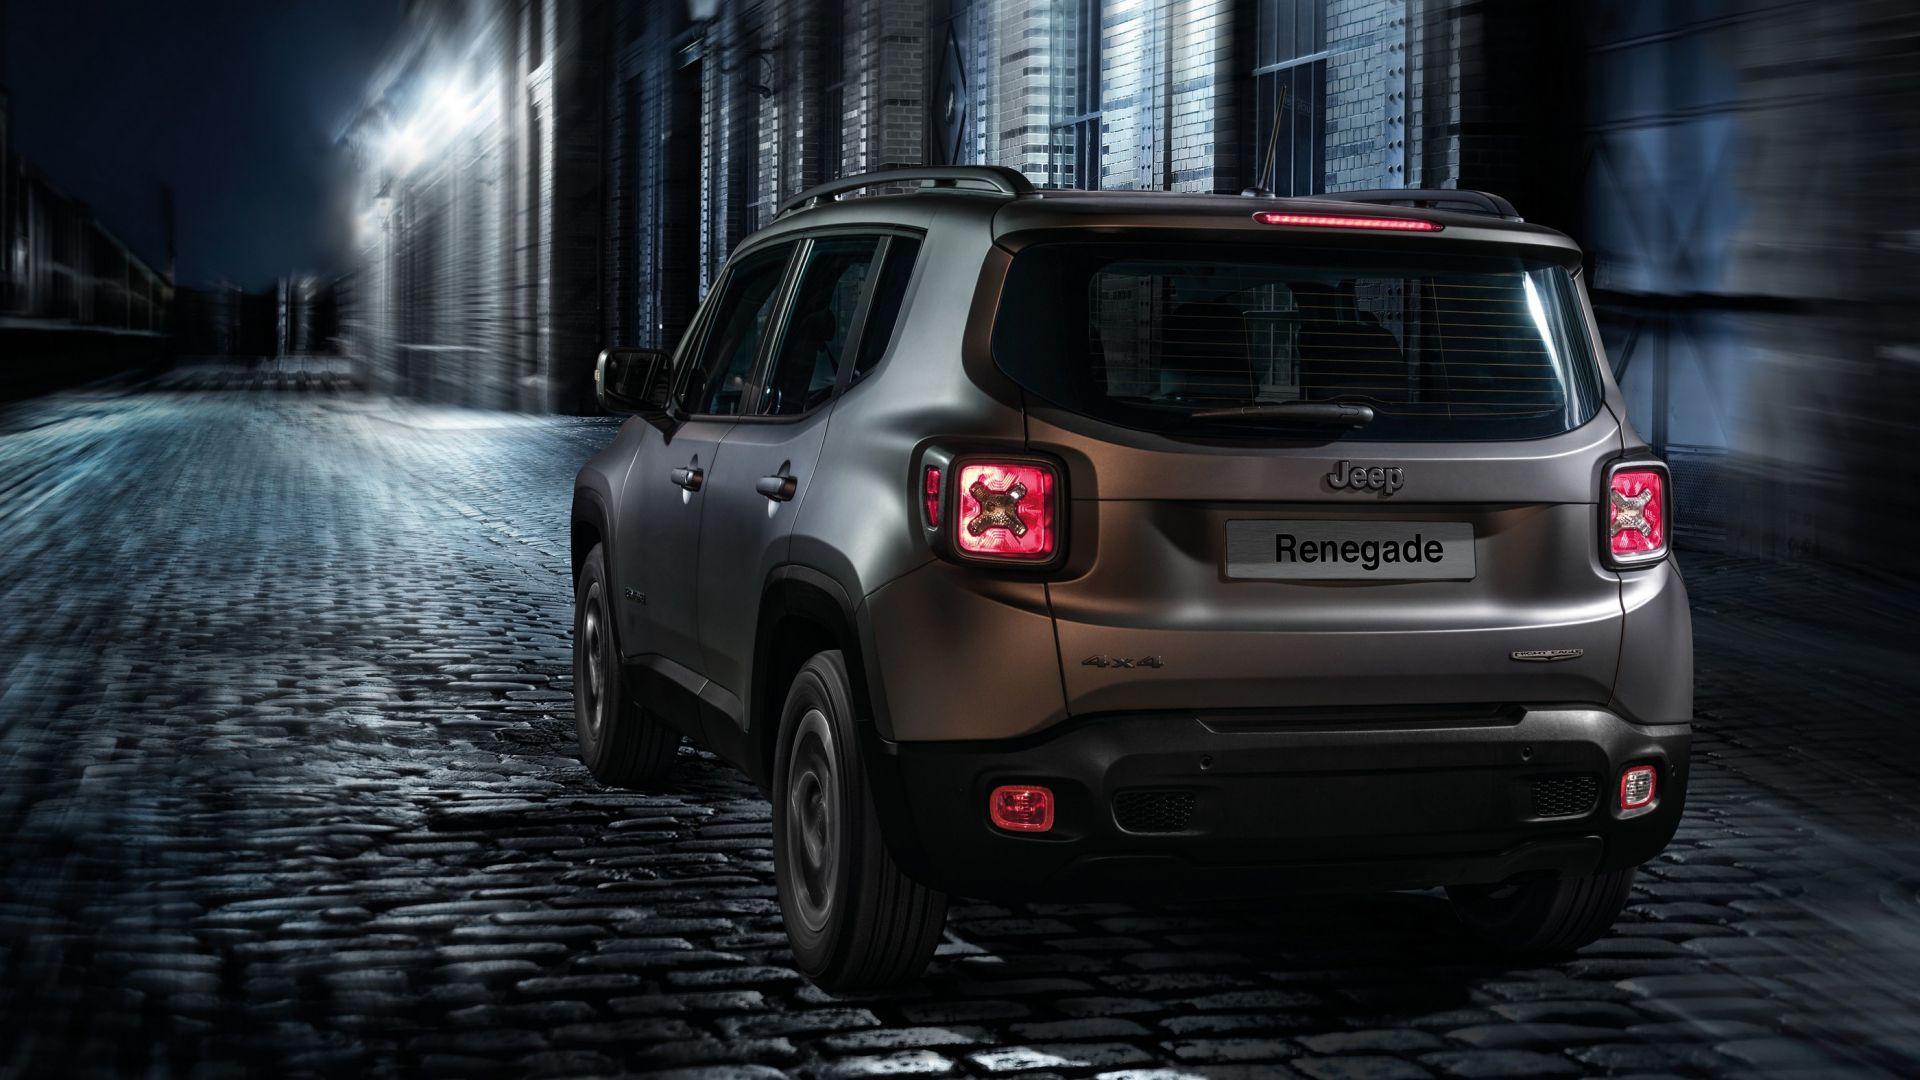 Novità auto: Jeep Renegade Night Eagle - MotorBox